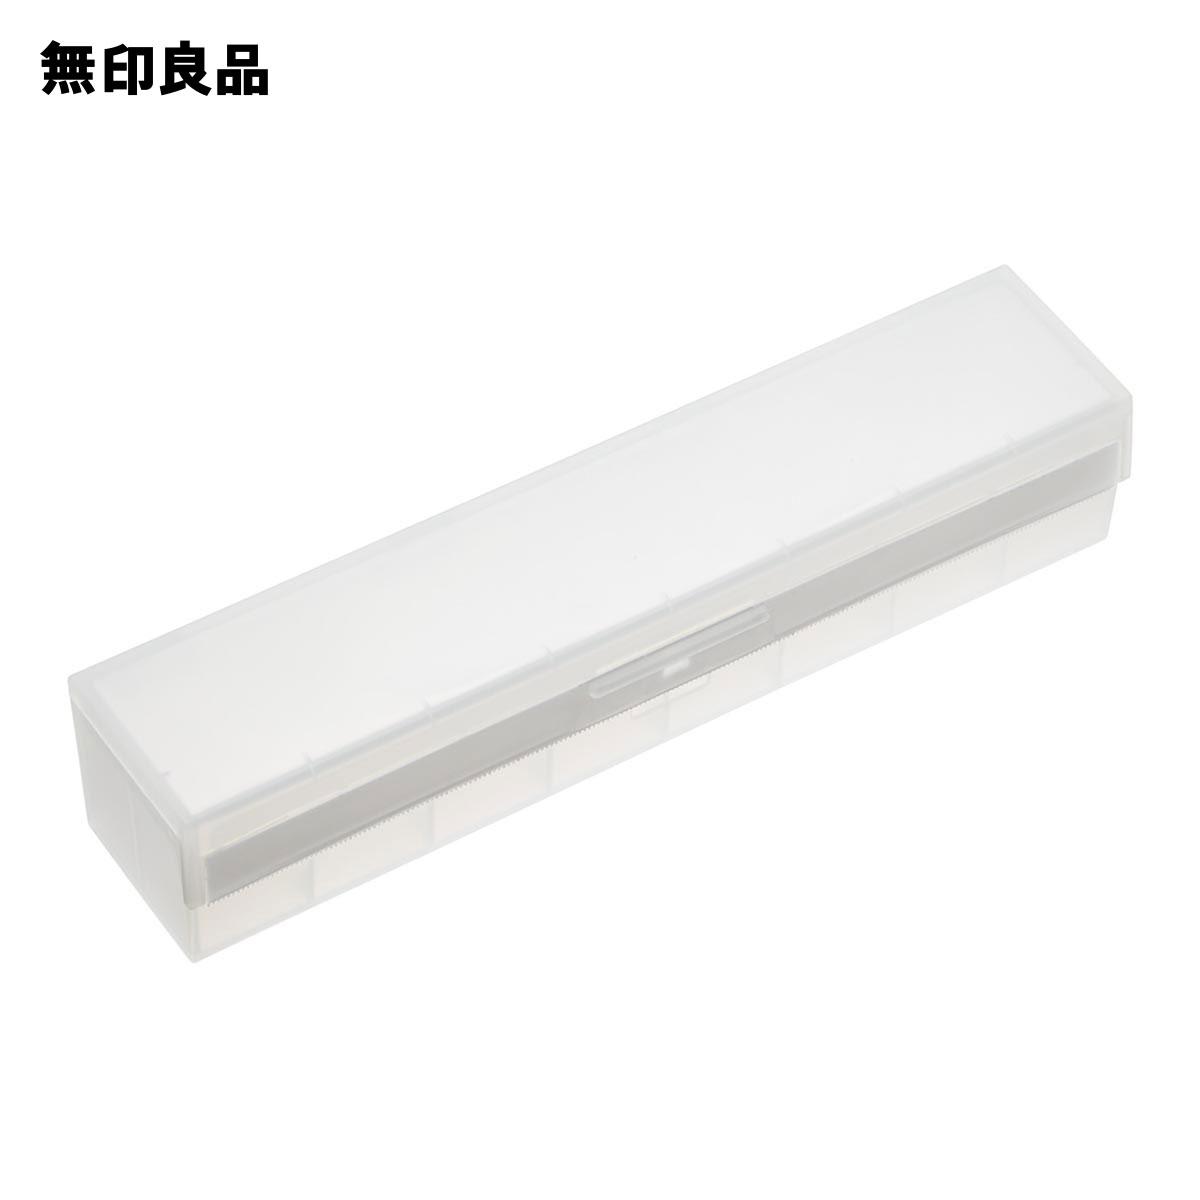 【無印良品 公式】ポリプロピレンラップケース小/約幅20〜22cm用